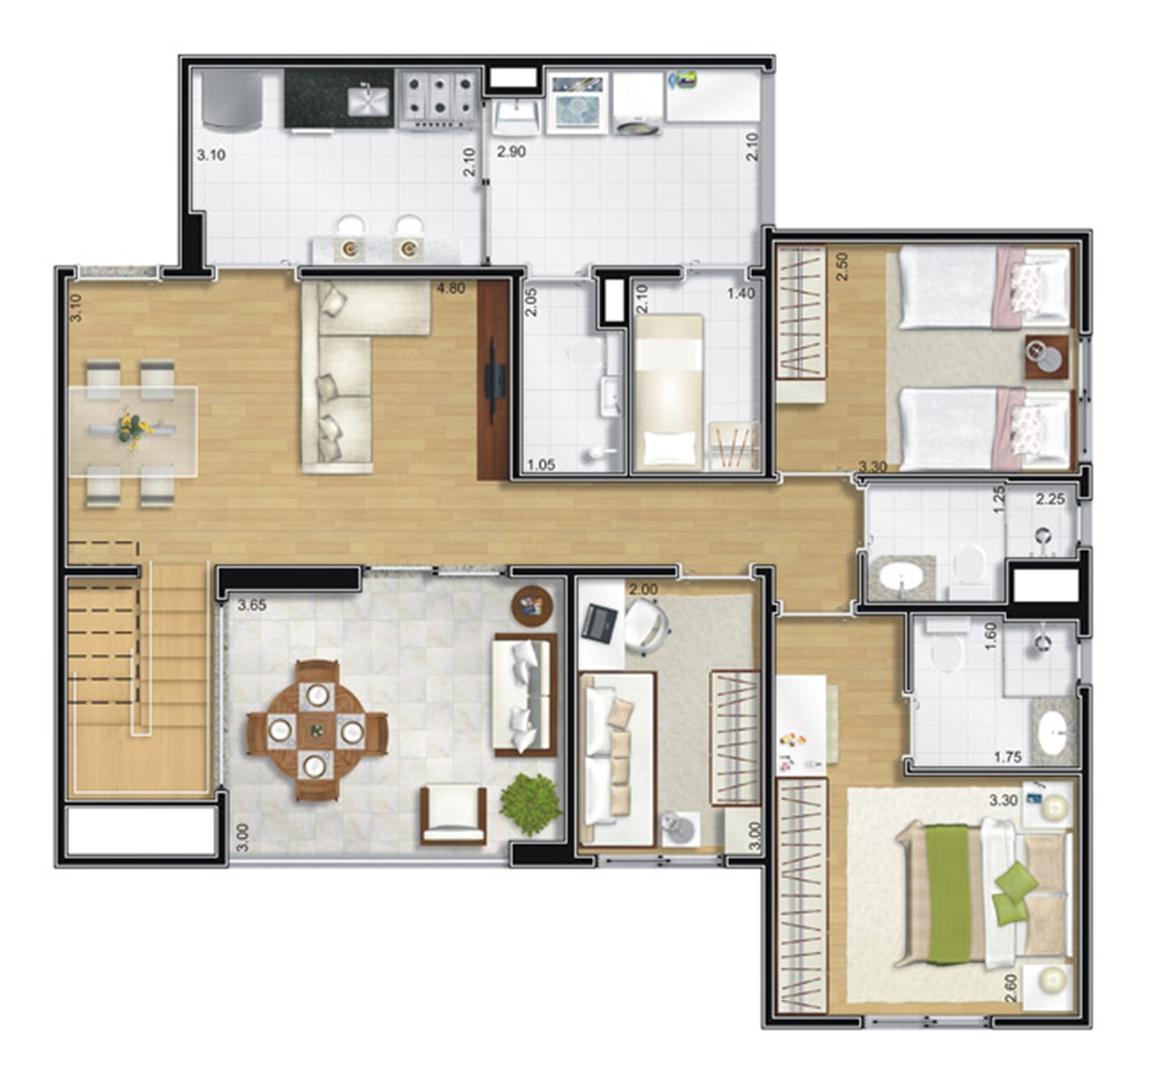 Cobertura Duplex Inferior | Camino – Apartamento no  Belém - São Paulo - São Paulo